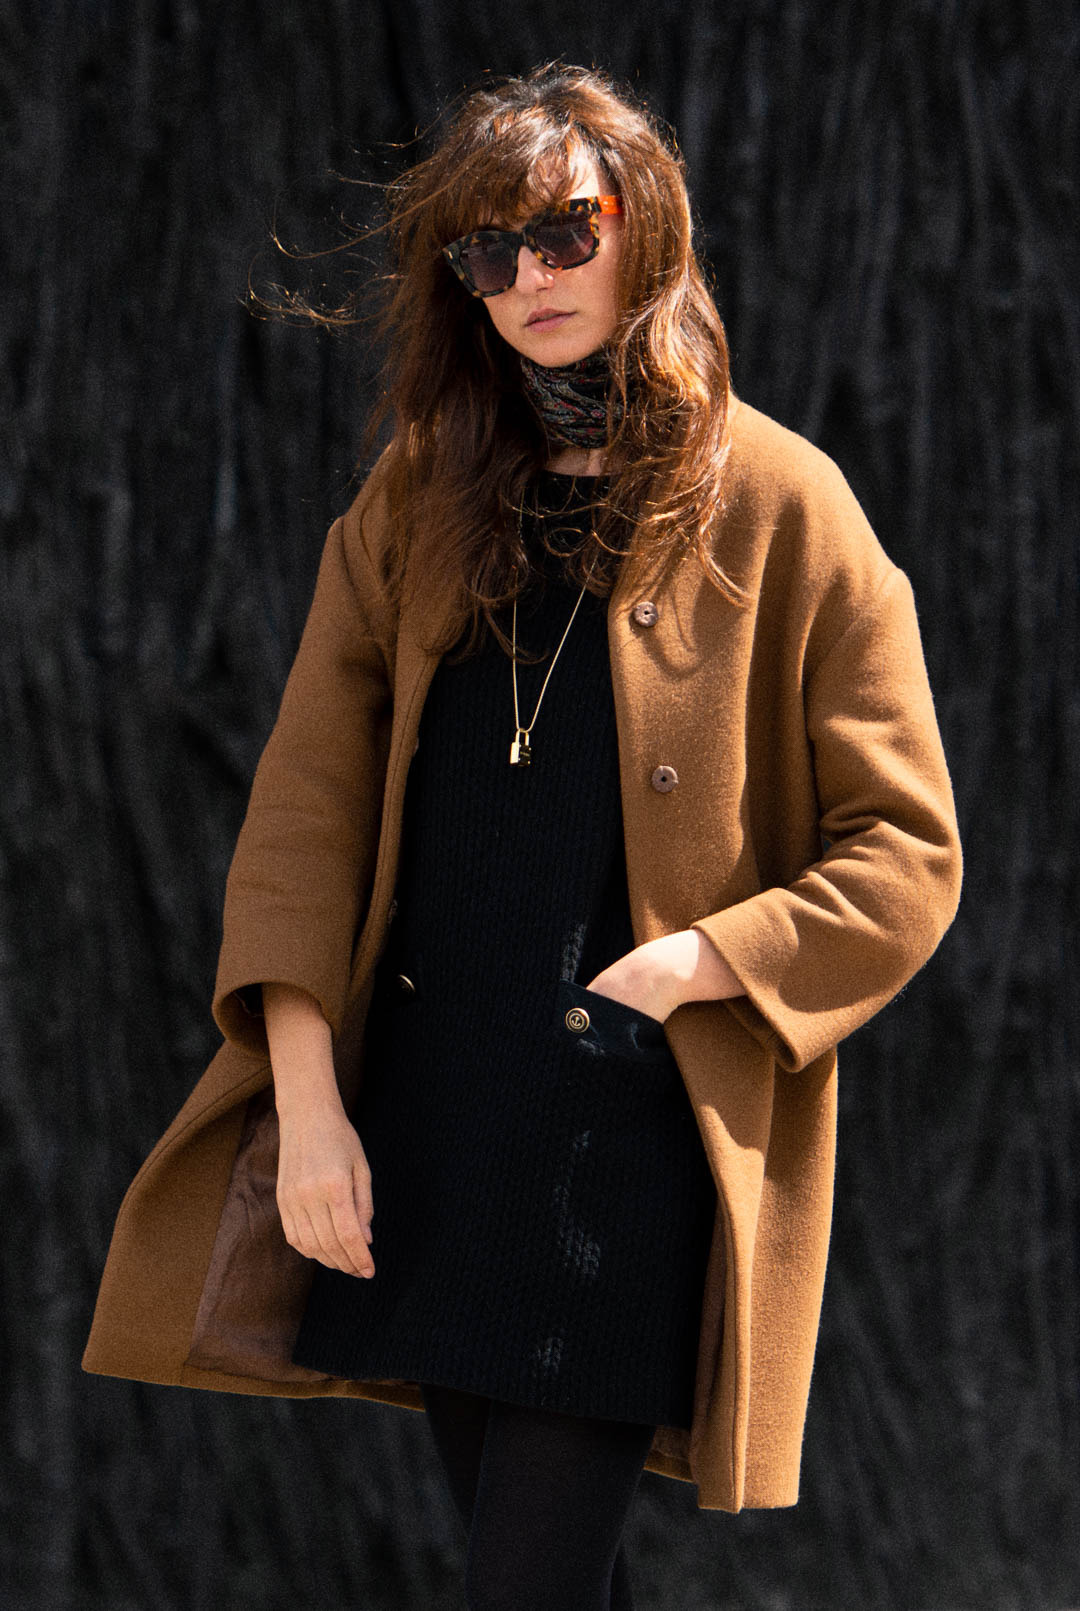 mayte-de-la-iglesia-street-style-abrigo-camel-web-14